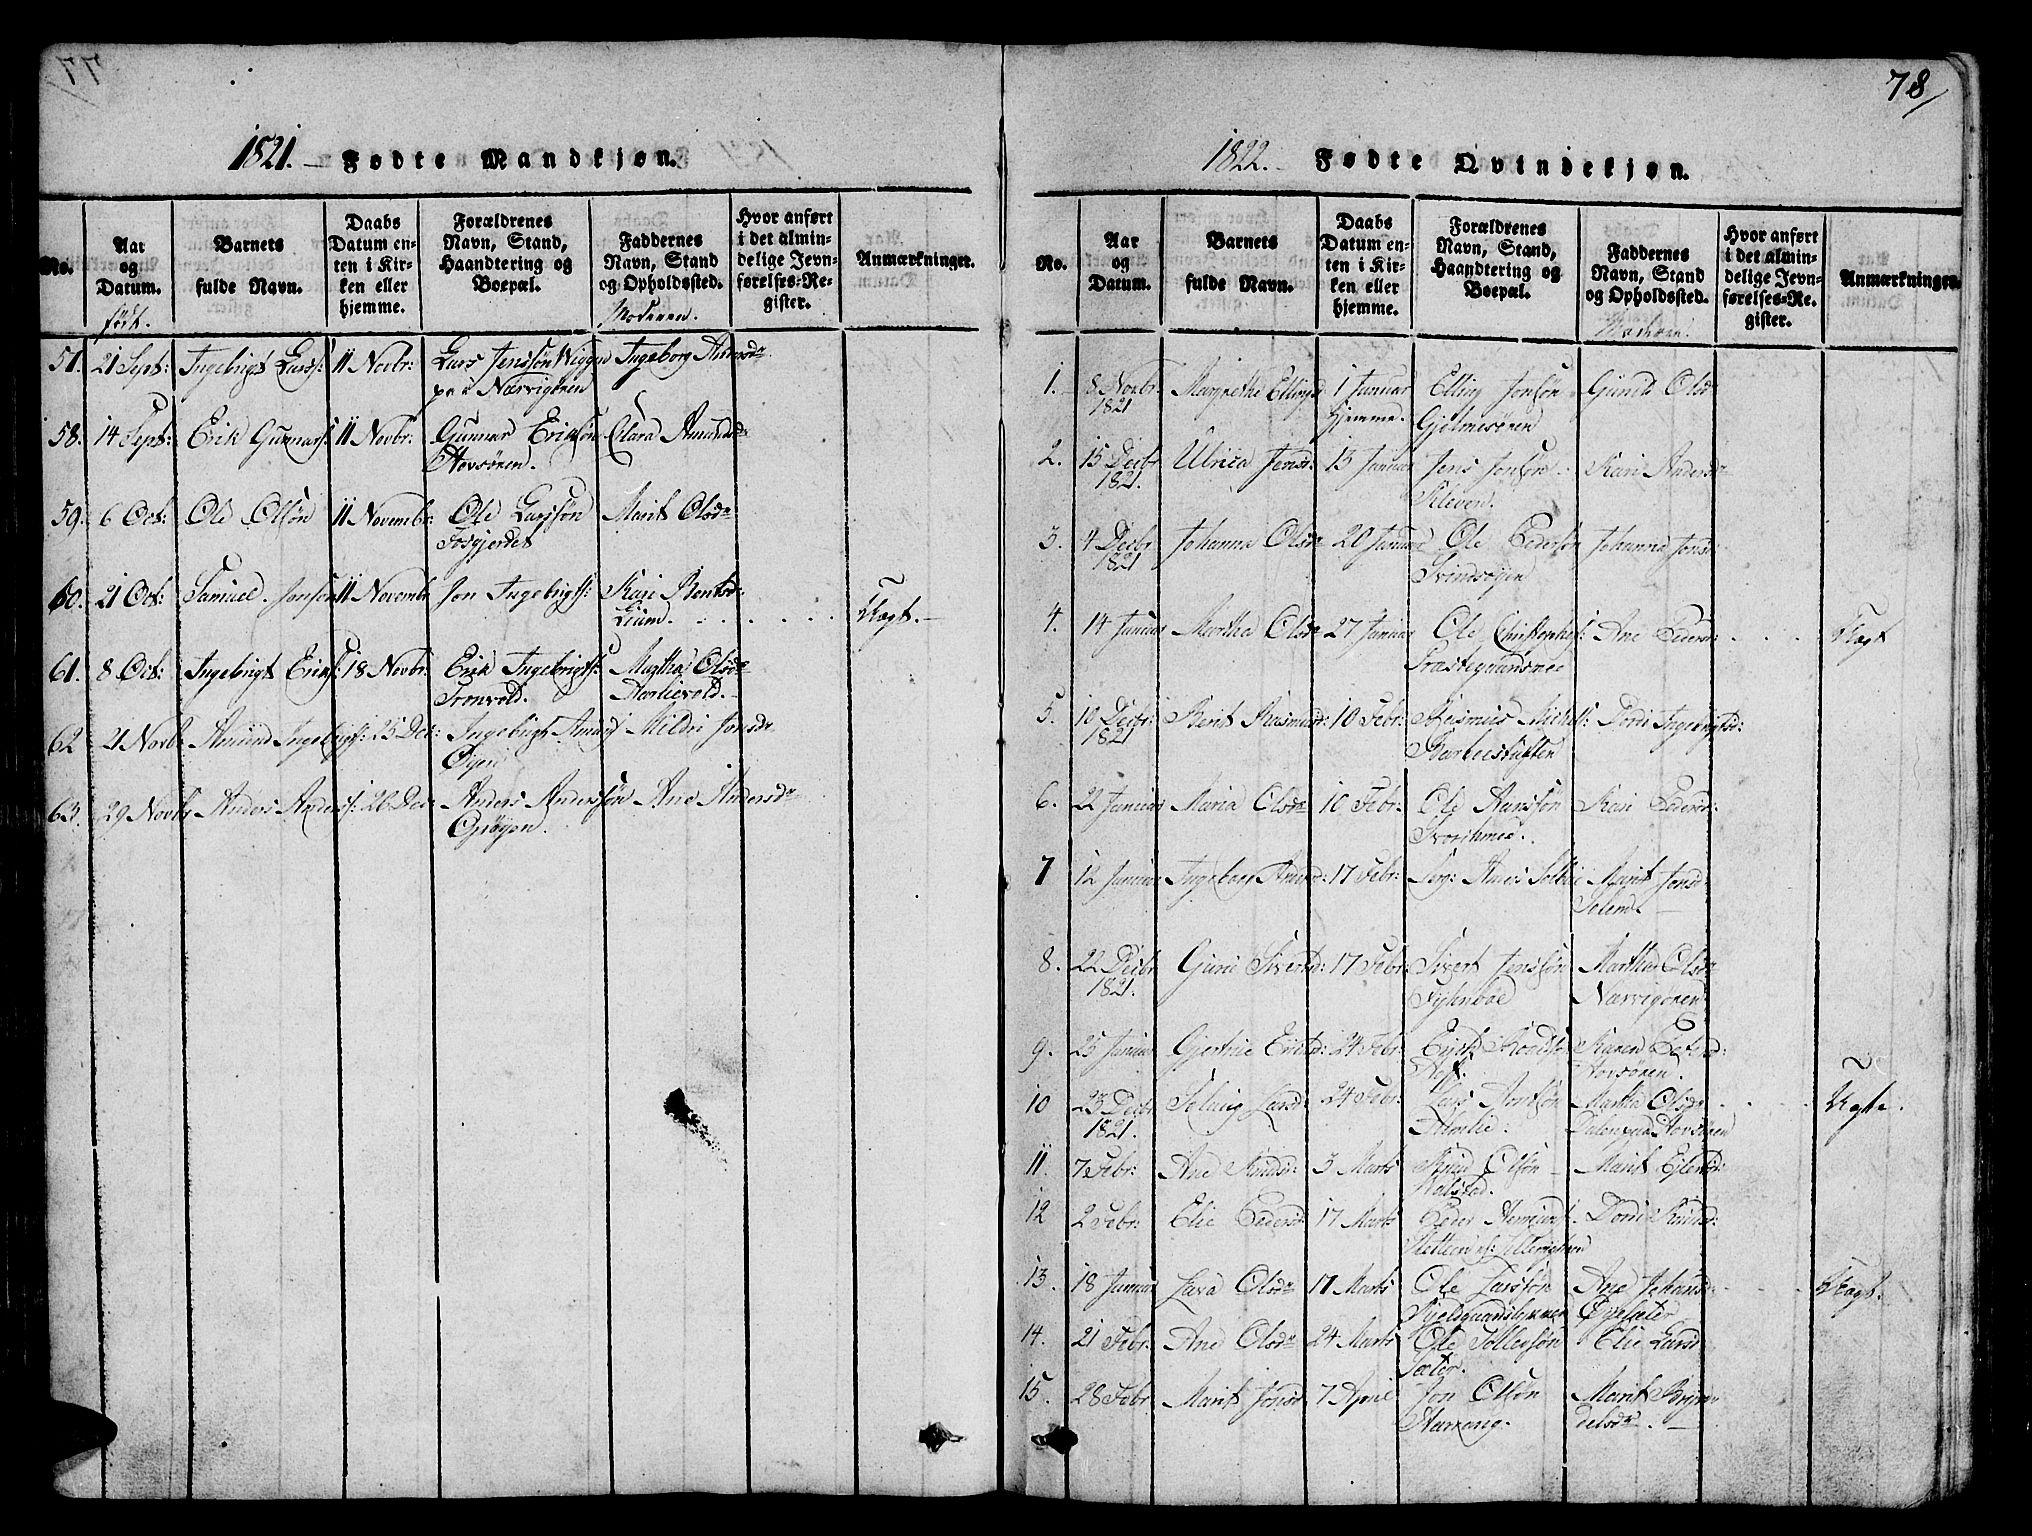 SAT, Ministerialprotokoller, klokkerbøker og fødselsregistre - Sør-Trøndelag, 668/L0803: Ministerialbok nr. 668A03, 1800-1826, s. 78